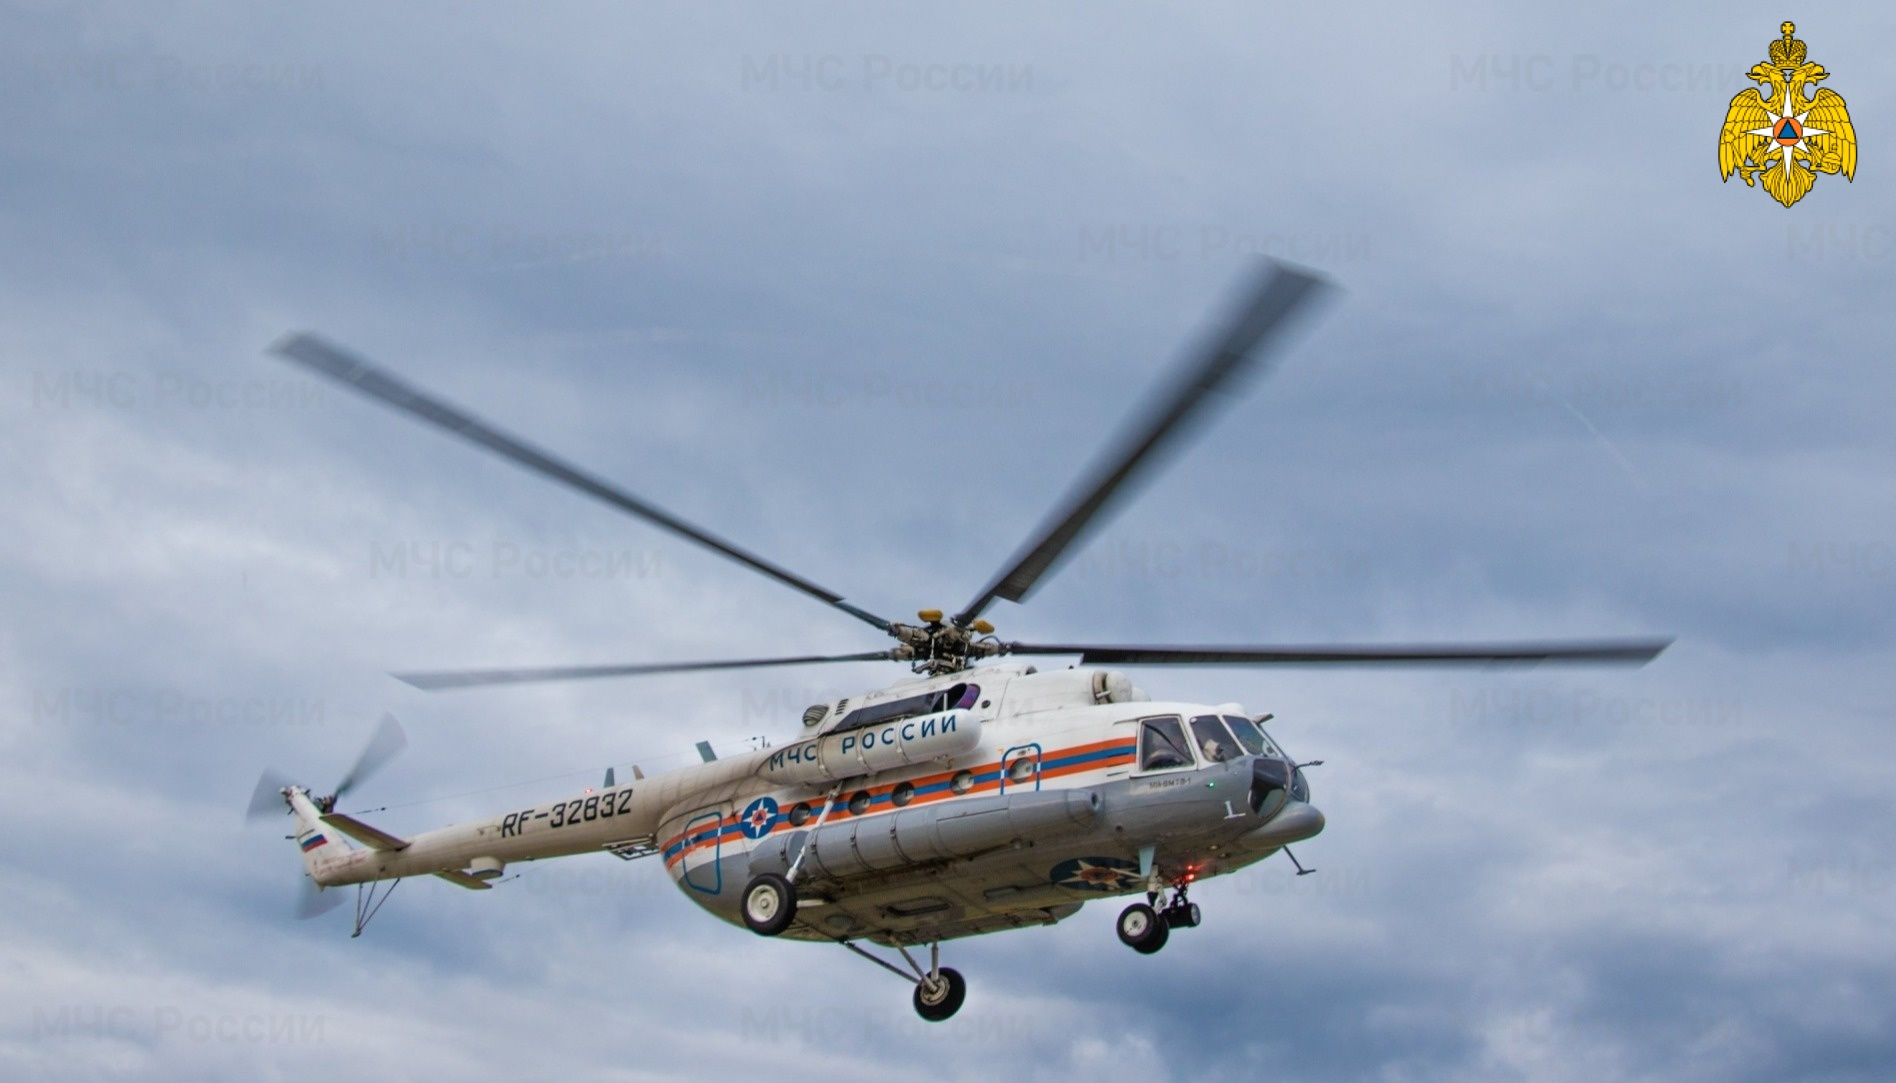 Ребёнка в тяжёлом состоянии доставили в Тверь на вертолёте